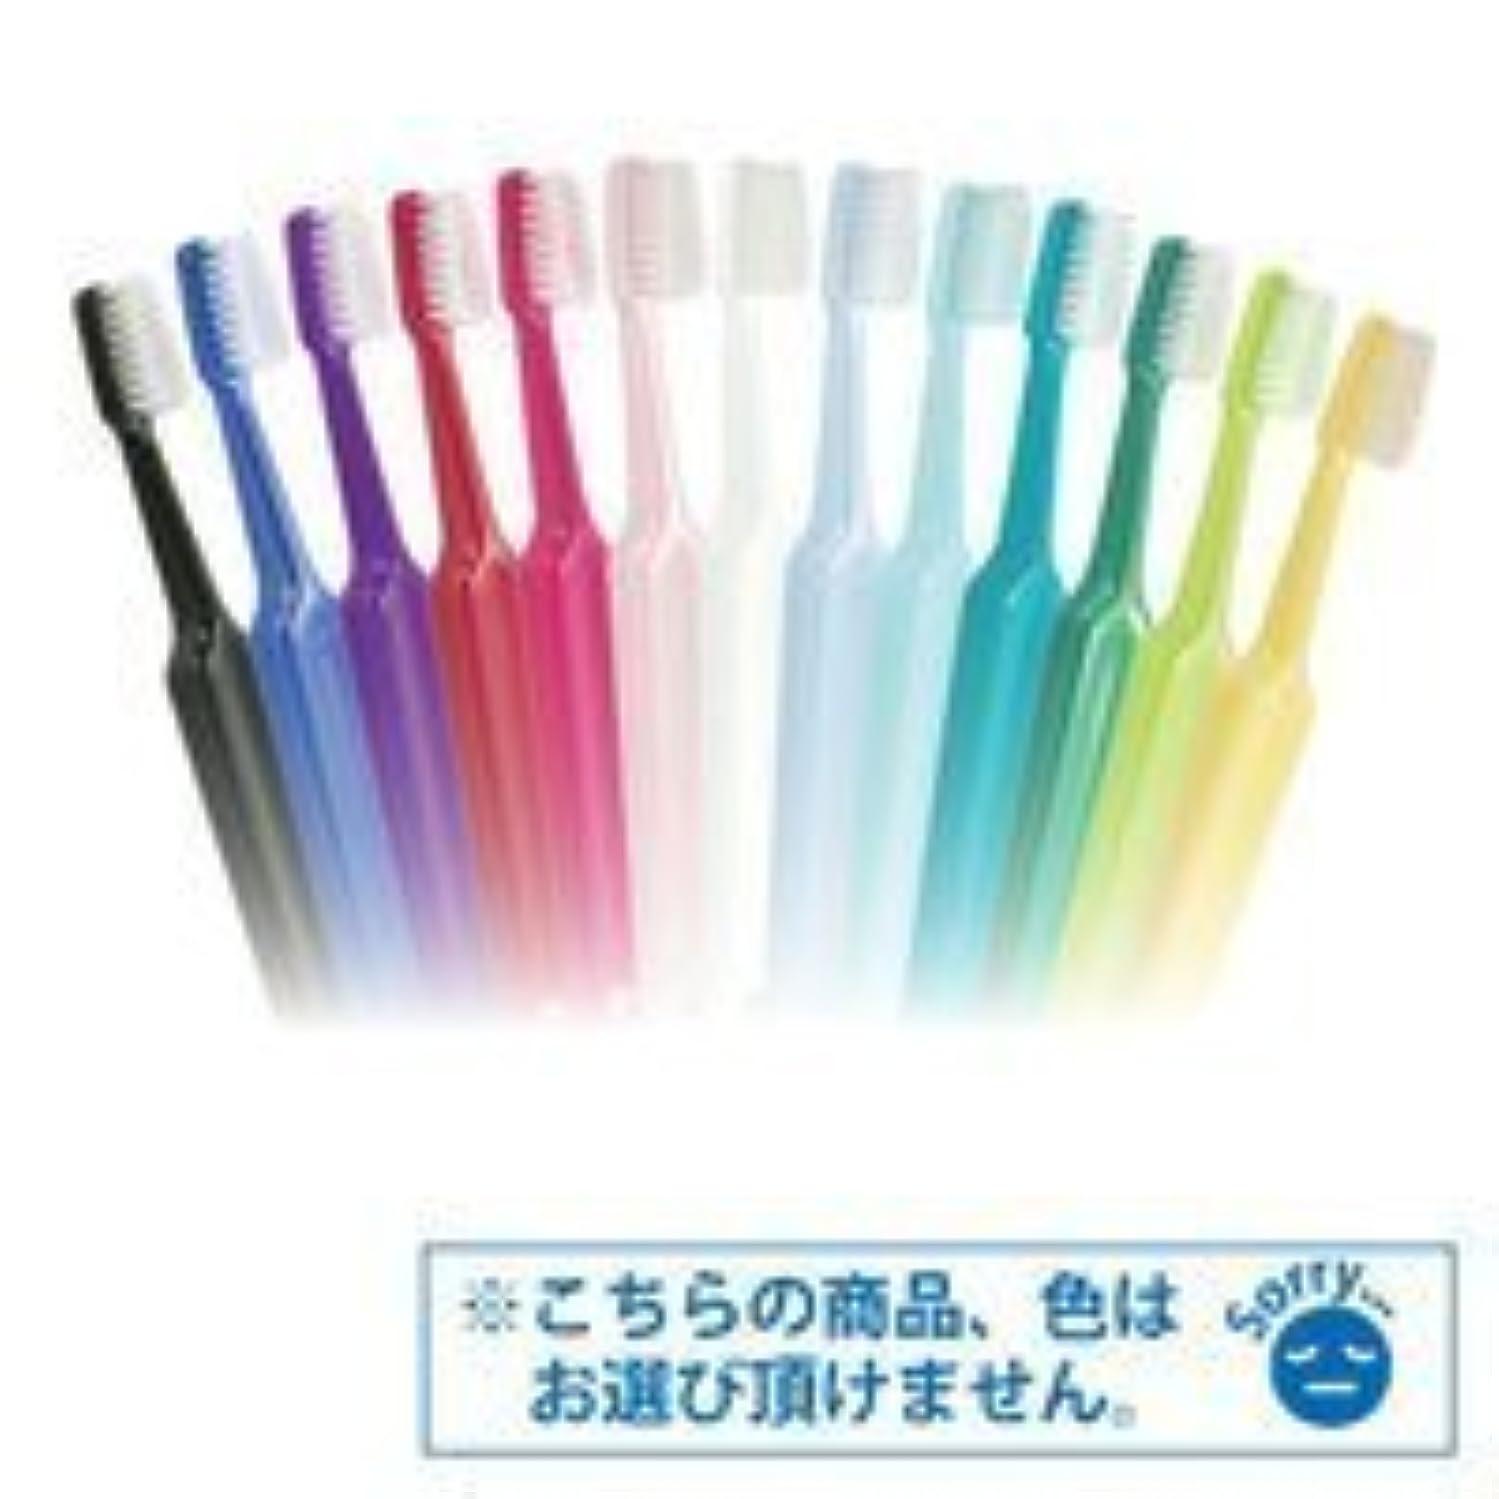 本物インレイ長老Tepe歯ブラシ セレクトコンパクト/エクストラソフト 25本/箱